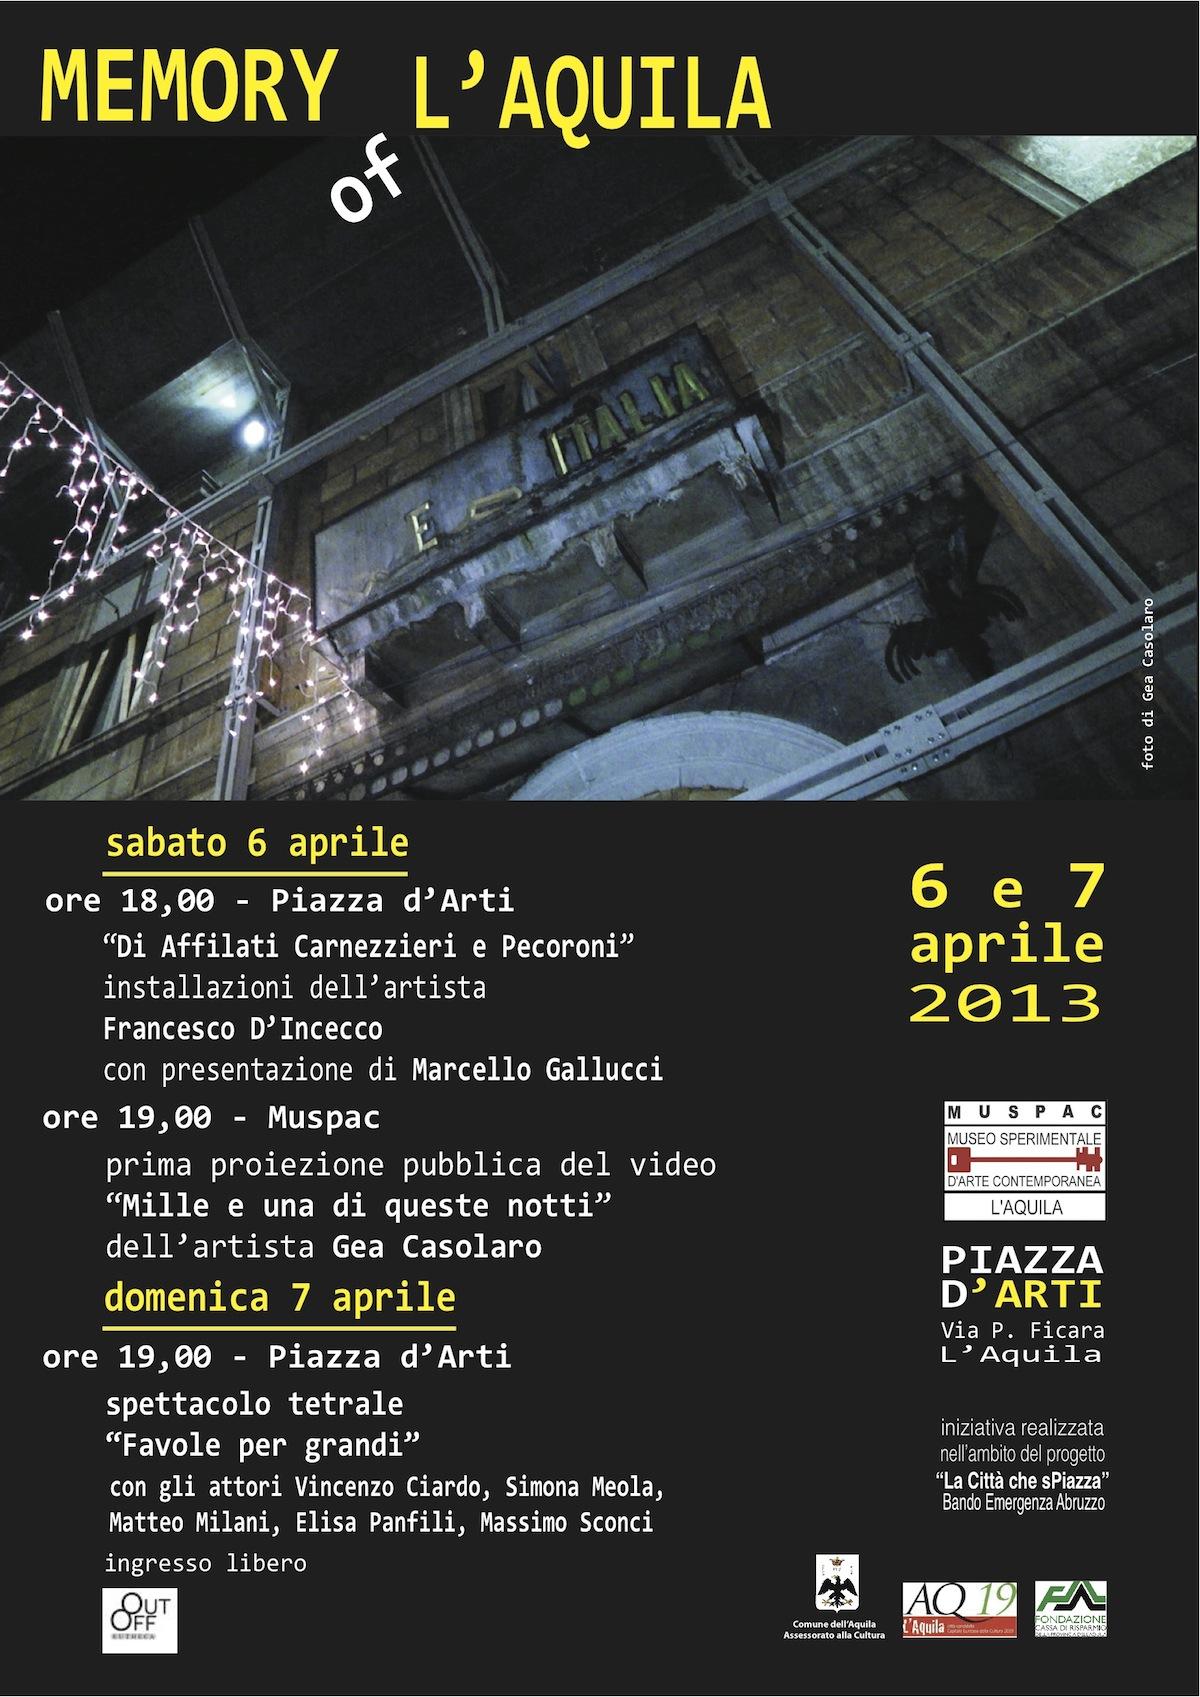 locandina programma 6 e 7 aprile 2013